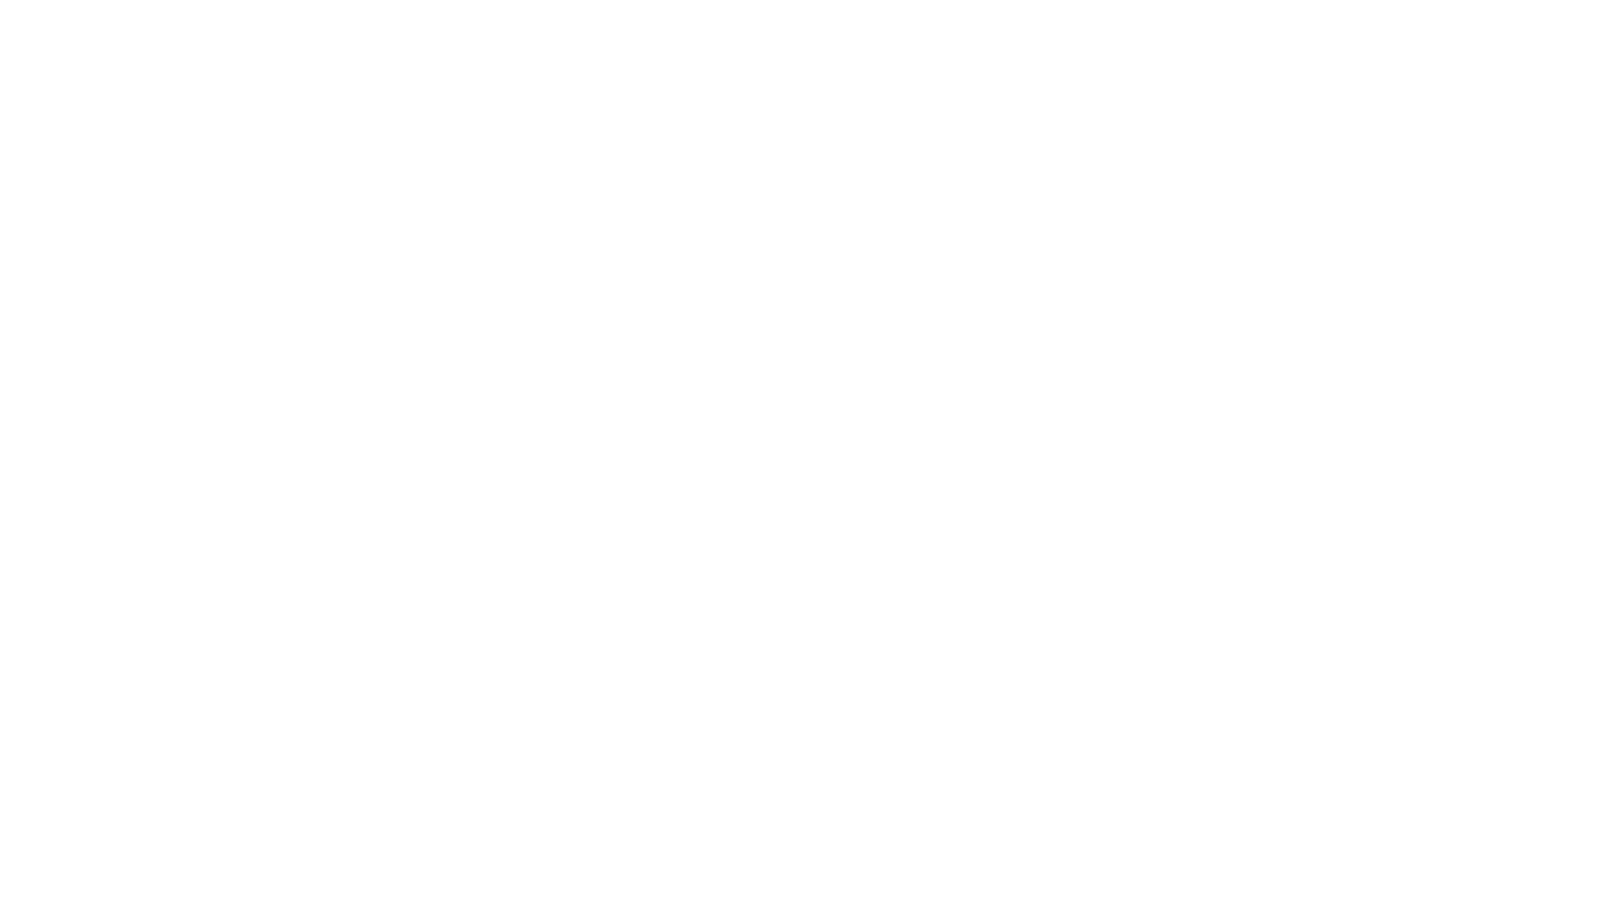 """Liebe Freunde und Bekannte der guten Küche!  Heute folgt unser Genussmenü für das Wochenende vom 16.04. - 18.04.2021  Vorspeise: Dorade auf Spargel mit Petersilienöl  Hauptgang: Bio-Rind """"Triesdorfer Tiger"""" mit Gemüse und seidenen Klößen Dessert: Dunkelbier-Tiramisu  Abholzeiten: nach telefonischer Absprache  Natürlich könnt ihr jeden Gang auch einzeln bestellen.  Weitere Informationen sowie die Annahme von Bestellungen gibt es wie immer telefonisch.   Besucht auch gerne unsere Website: https://gasthausschwemmer.de/  Folgt uns jetzt auch auf Instagram:  @gasthausschwemmer https://www.instagram.com/gasthausschwemmer/  Bericht über unser Genussmenü zum Abholen aus der Frankenschau vom 11.03.2021: https://www.youtube.com/watch?v=VeDMm_F8XyM  Lasst uns gerne auch ein kostenloses Abonnement da, um ab jetzt nichts mehr zu verpassen und teilt die Videos weiterhin fleißig!   Guten Appetit  wünscht  Familie Schwemmer   *WERBUNG* Wir richten unsere Gerichte auf Porzellan von Bauscher& Tafelstern an. Weitere Informationen unter:  https://www.bauscher.de/de https://www.tafelstern.de/de  #GasthausSchwemmer #GenussmenüzumAbholen #KreativeKüchefürZuhause #SchwemmersschnelleKüche #regionaleKüche #saisonaleKüche #Hashtag #Genussessen #WirbleibenZuhause"""